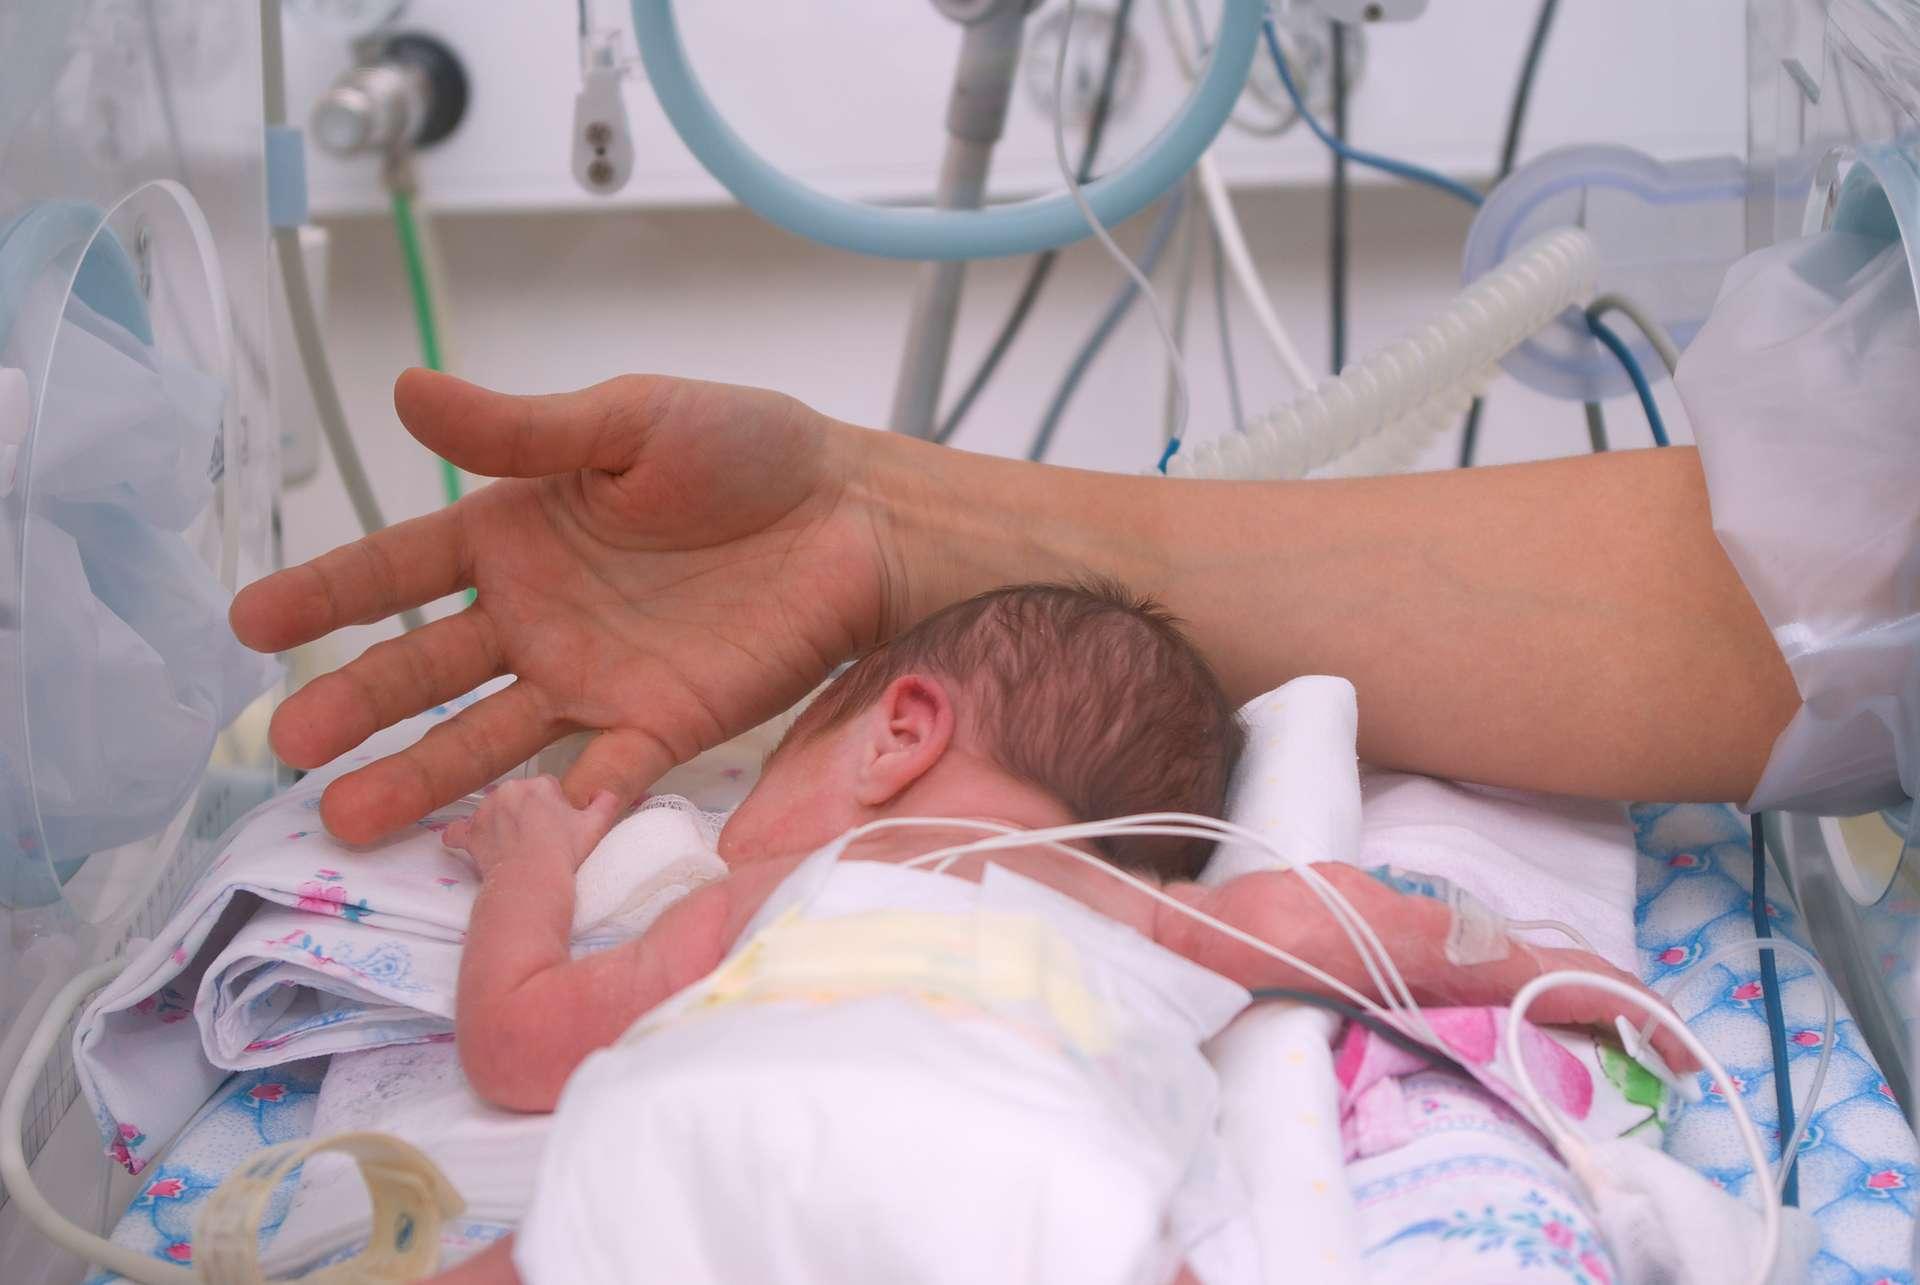 Un nourrissons est considéré comme prématuré quand il nait avant 8 mois et demie de grossesse ou moins. © Fanfo, Adobe Stock